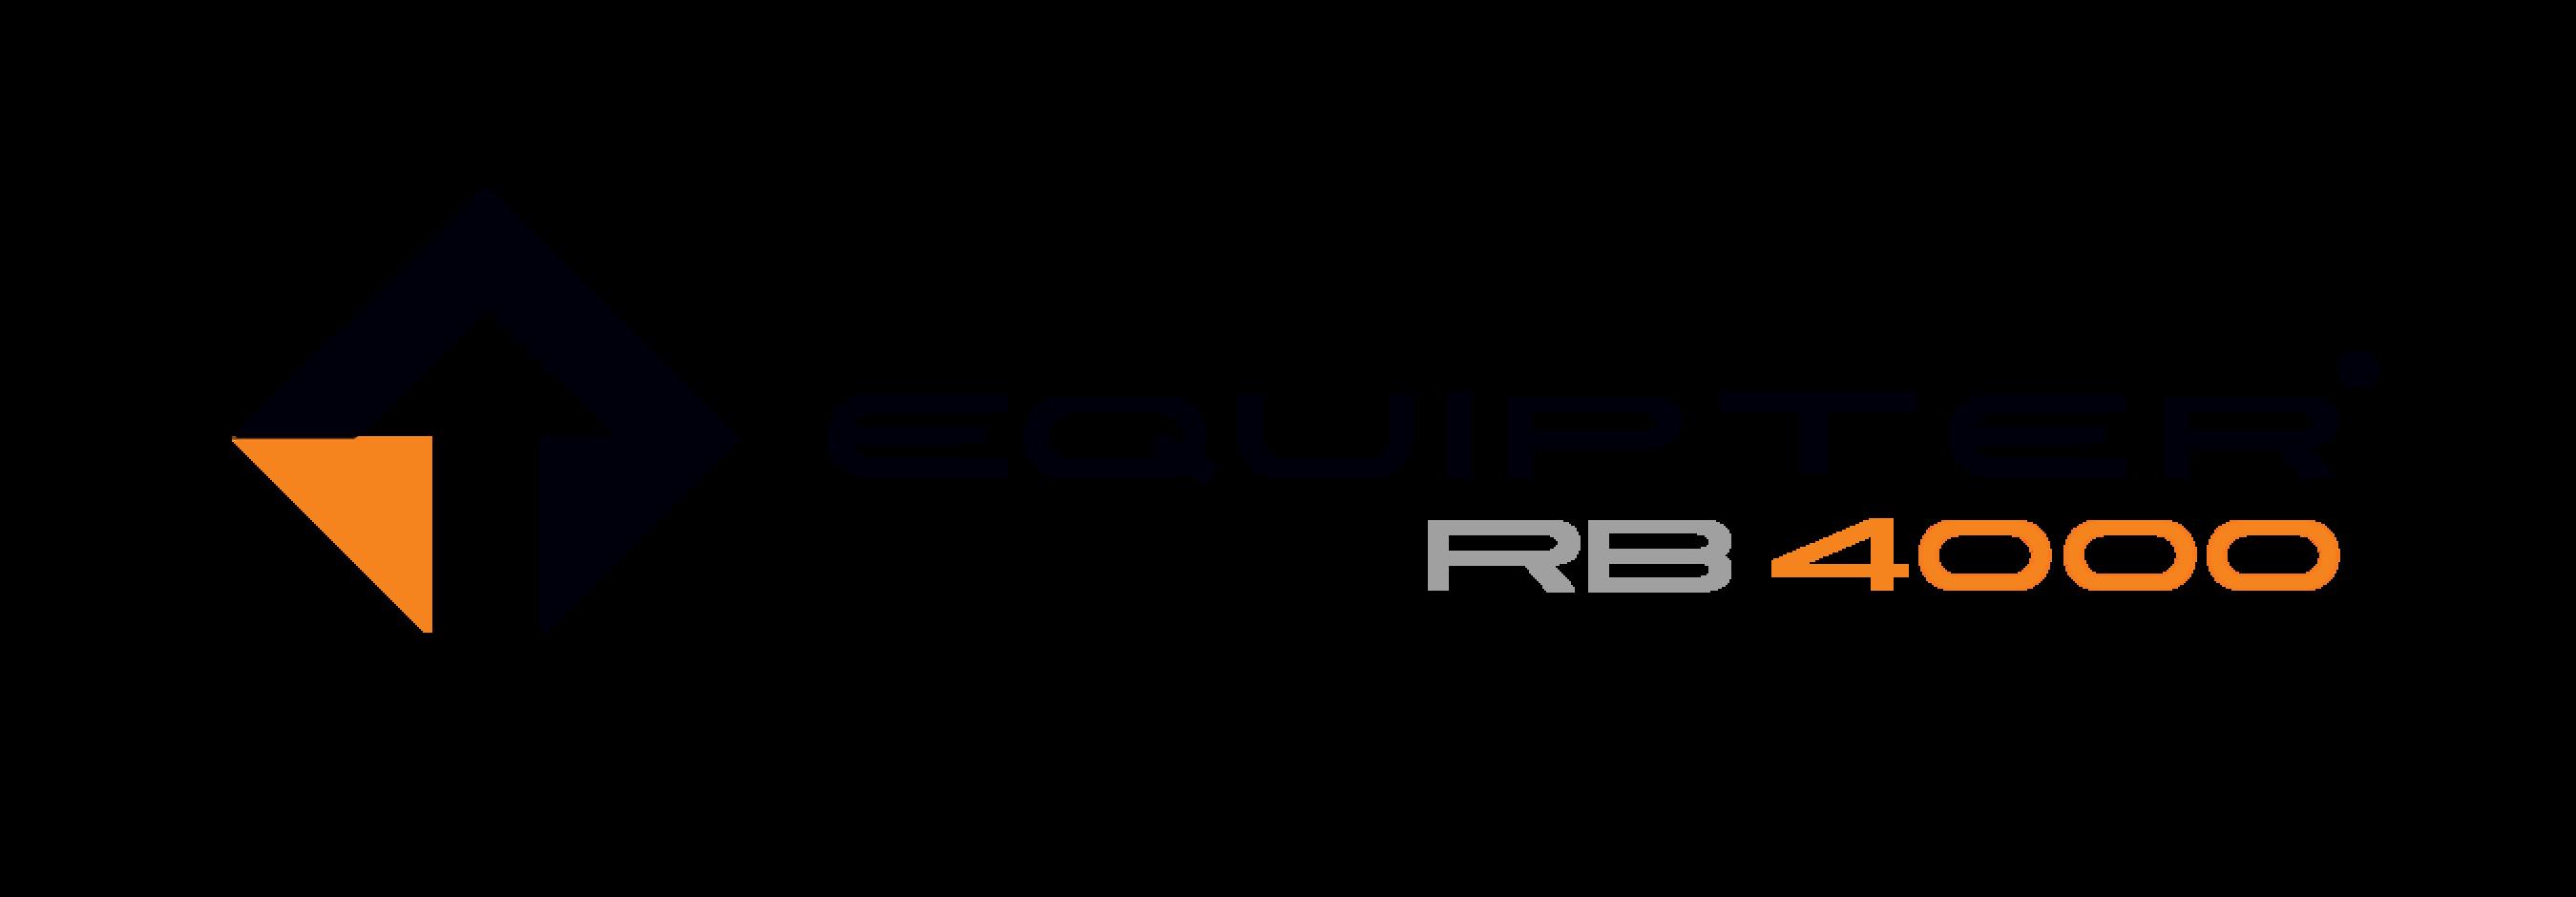 RB4000 Full Logo